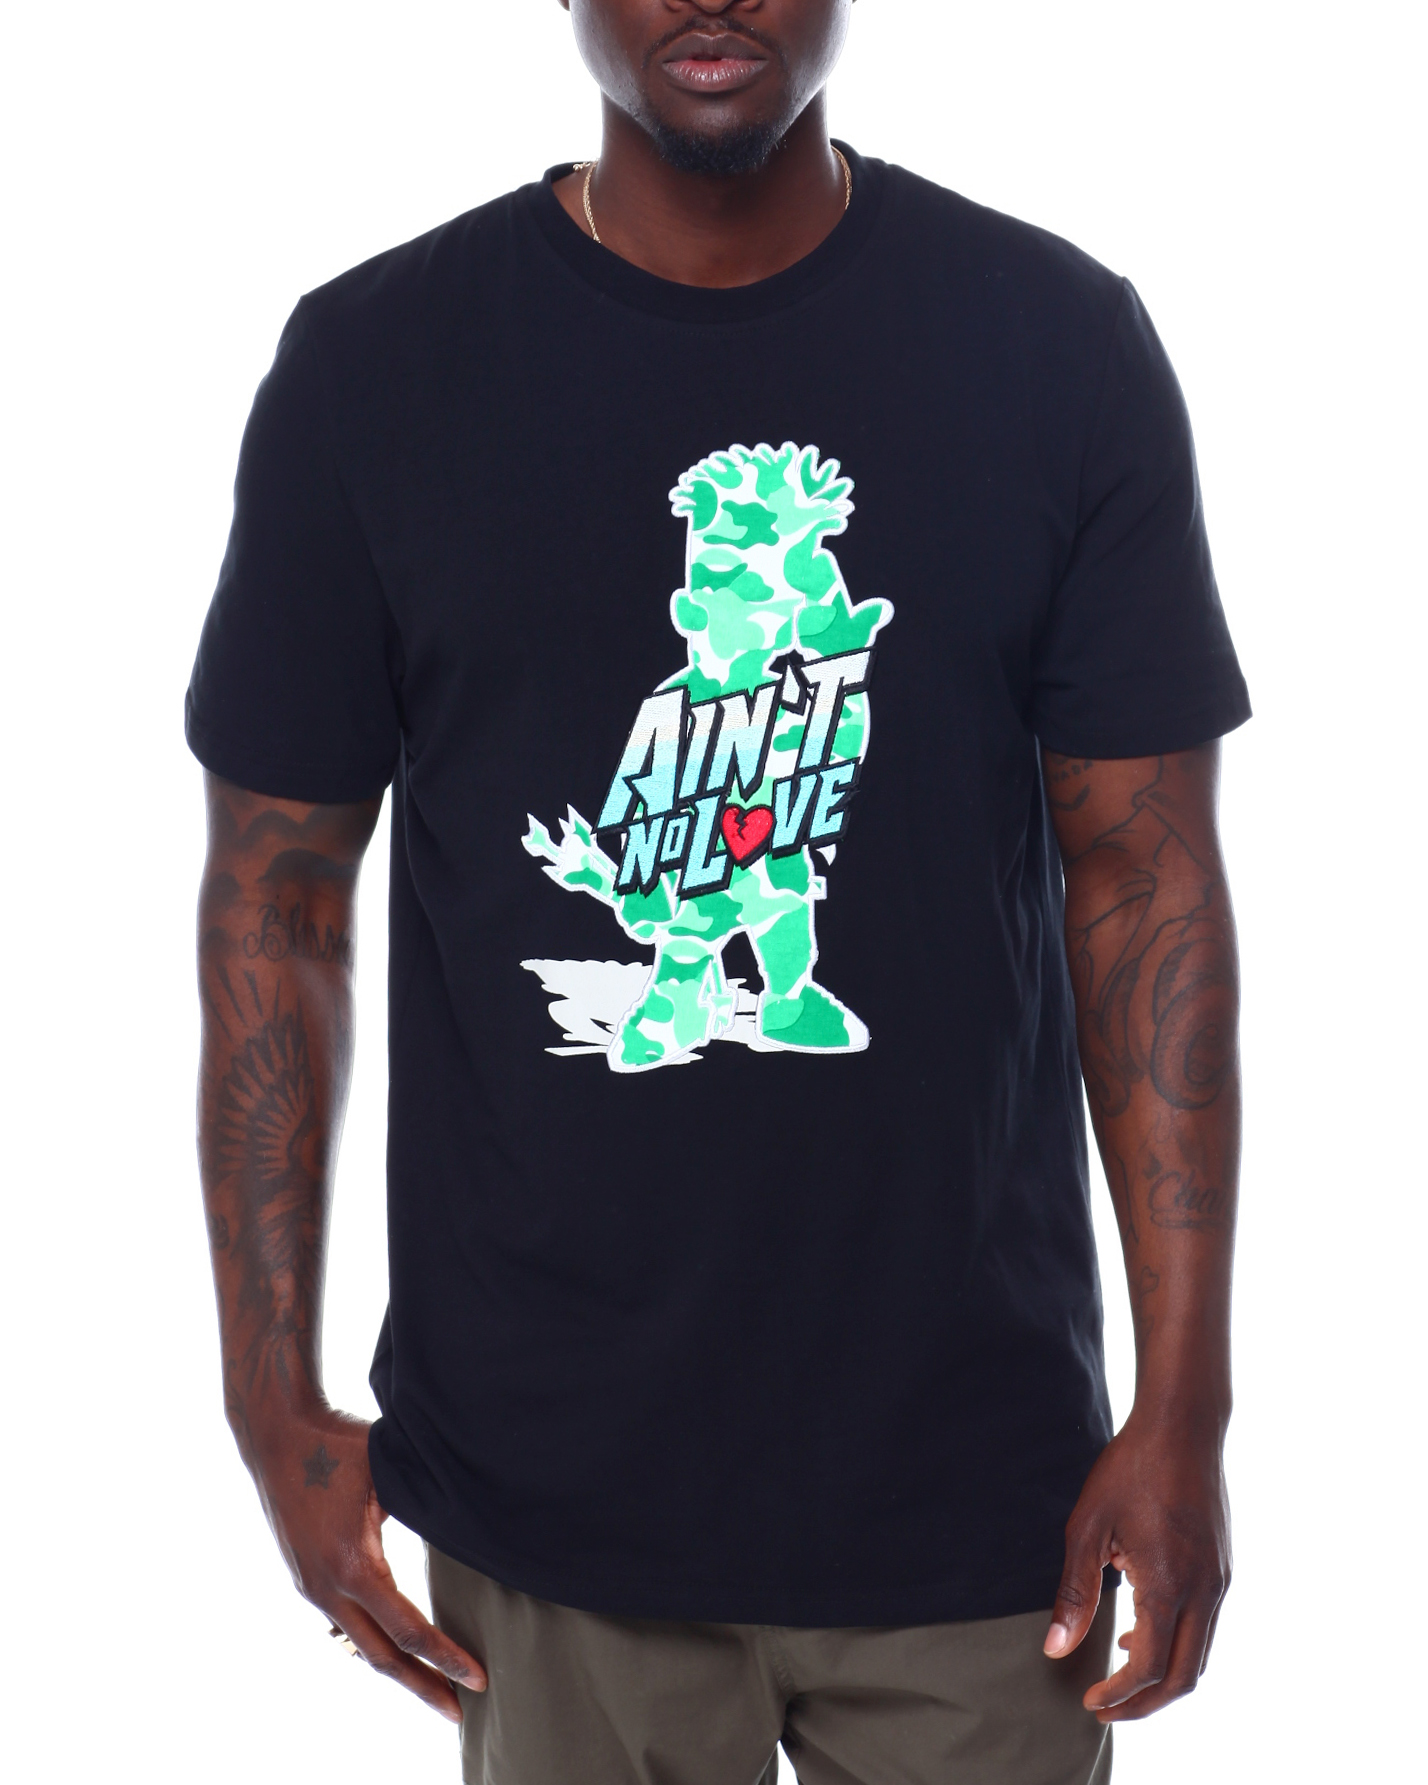 Angle #1